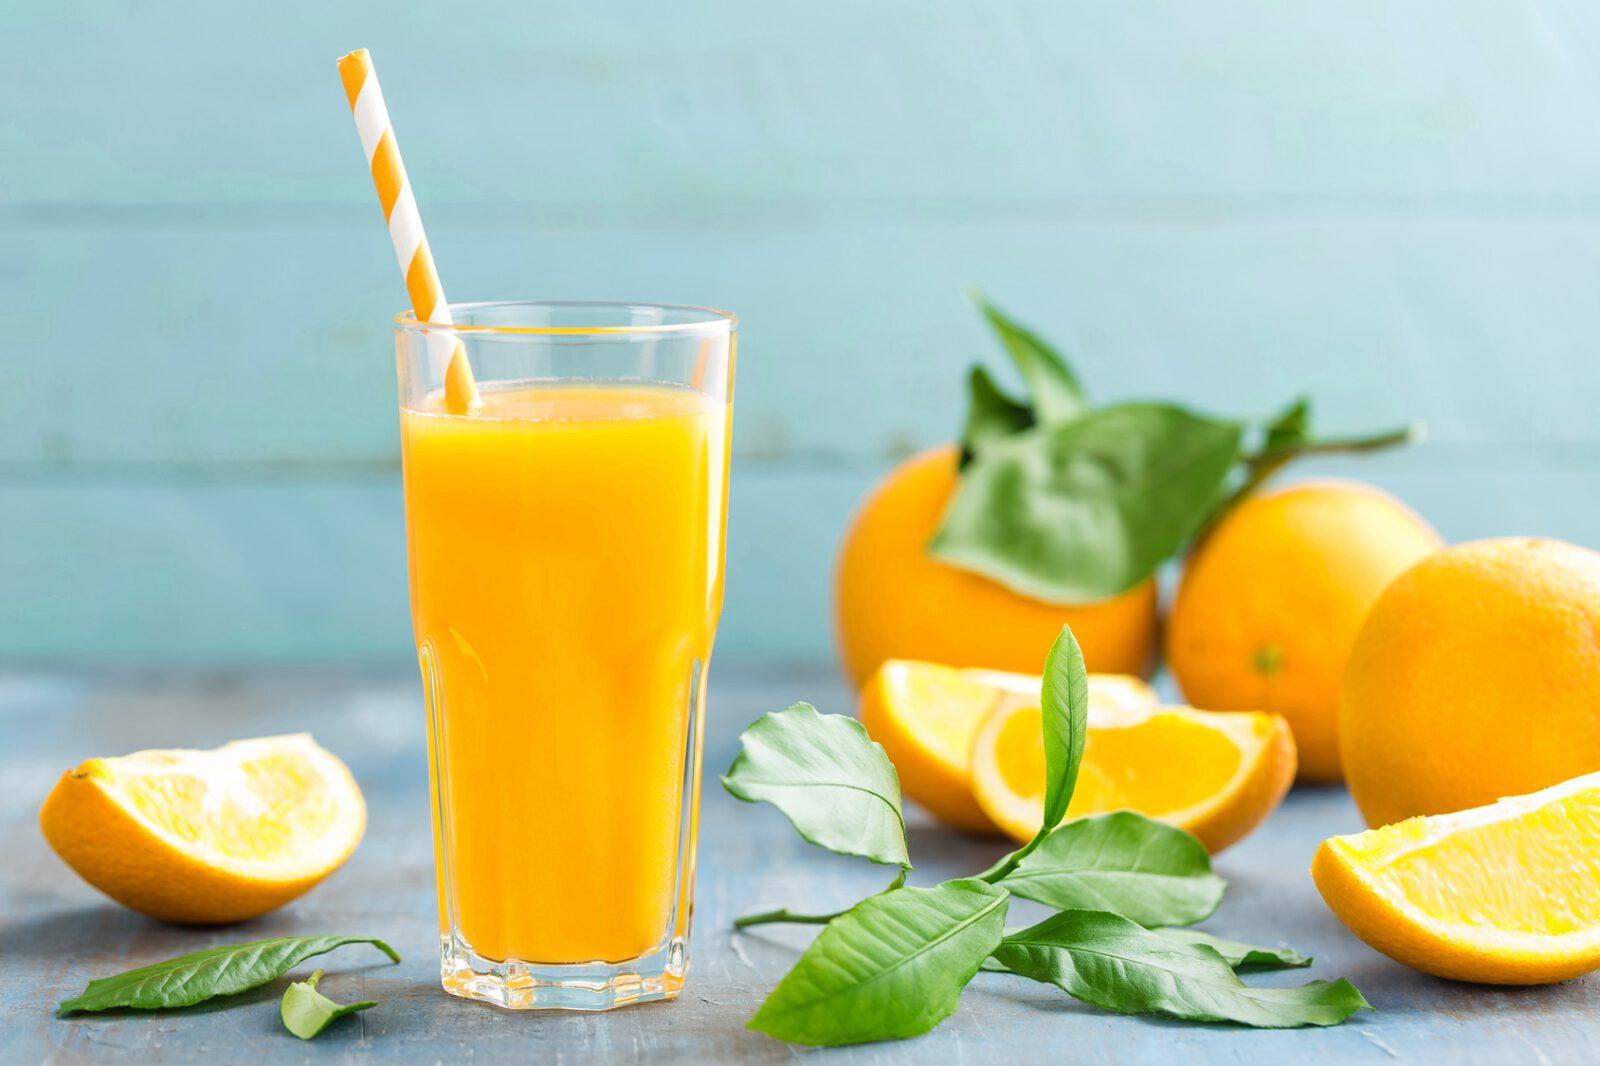 frischpresster Orangensaft im Glas, frische Orangen im Hintergrund auf Holz, vitamin drink